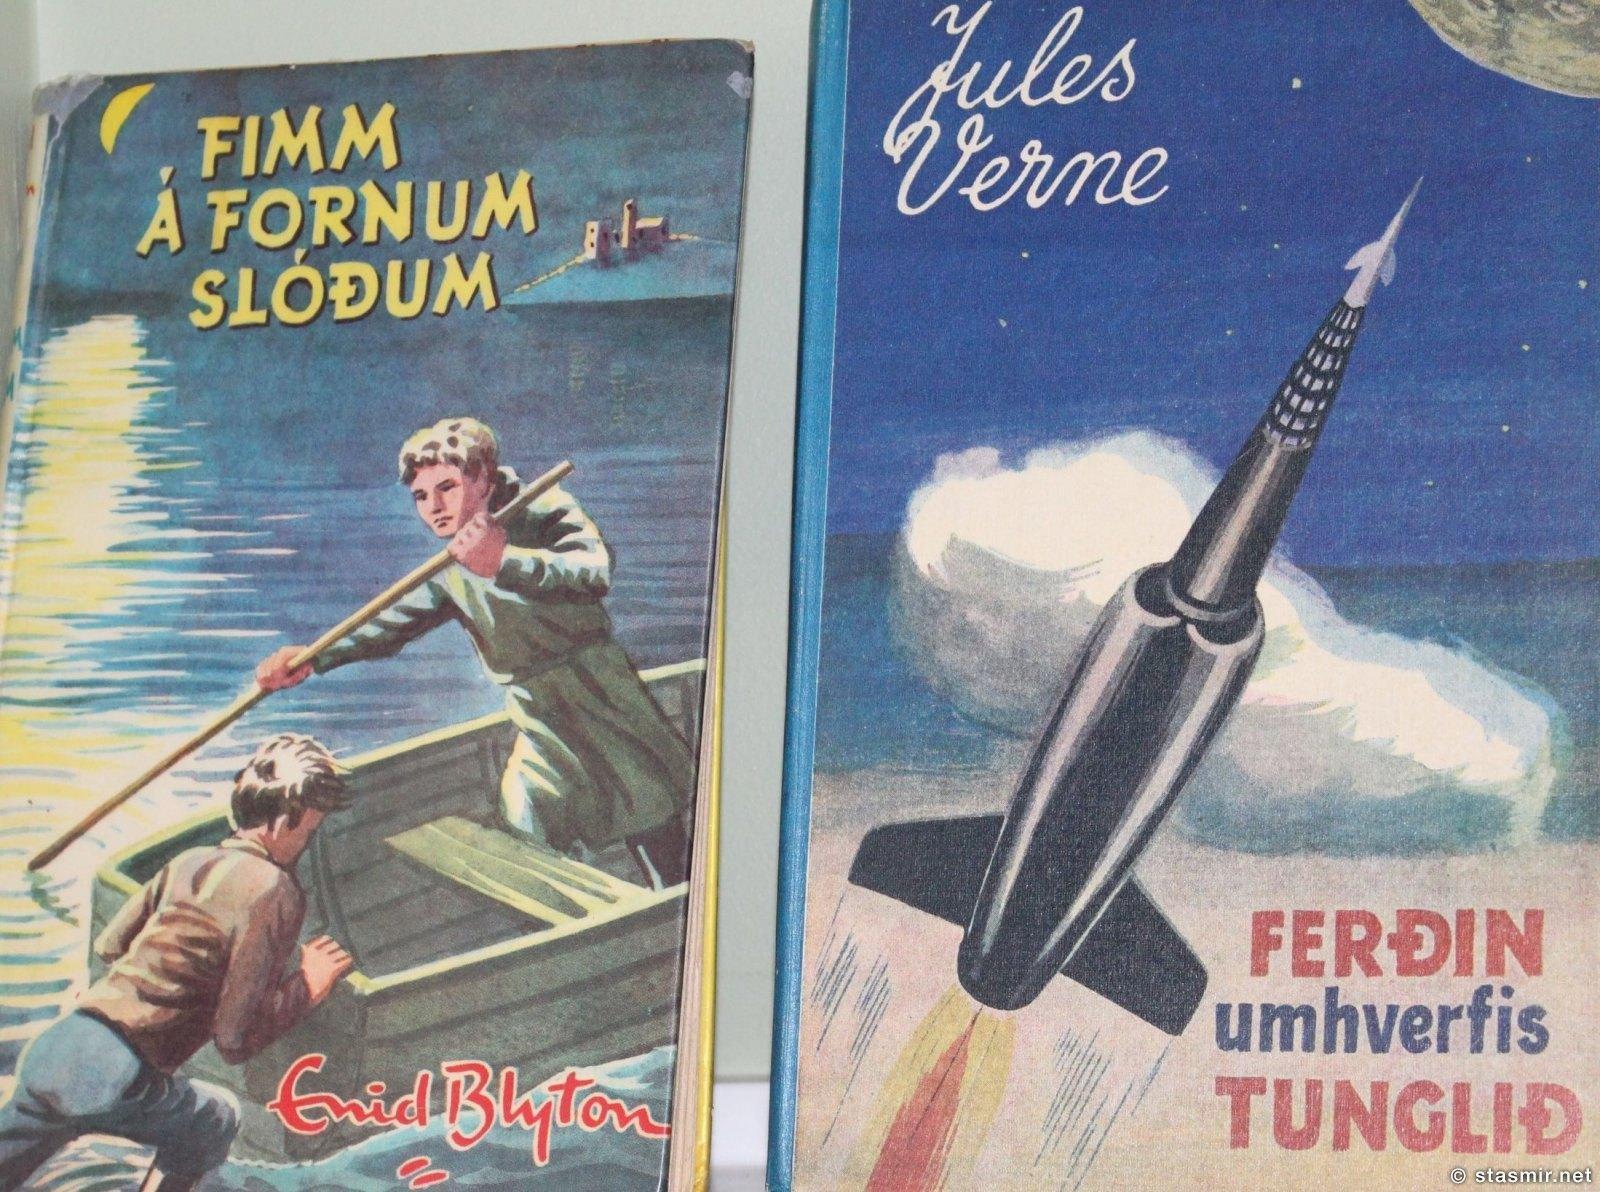 Жюль Верн и детские книги на исландском из музея, фото Стасмир, Photio Stasmir